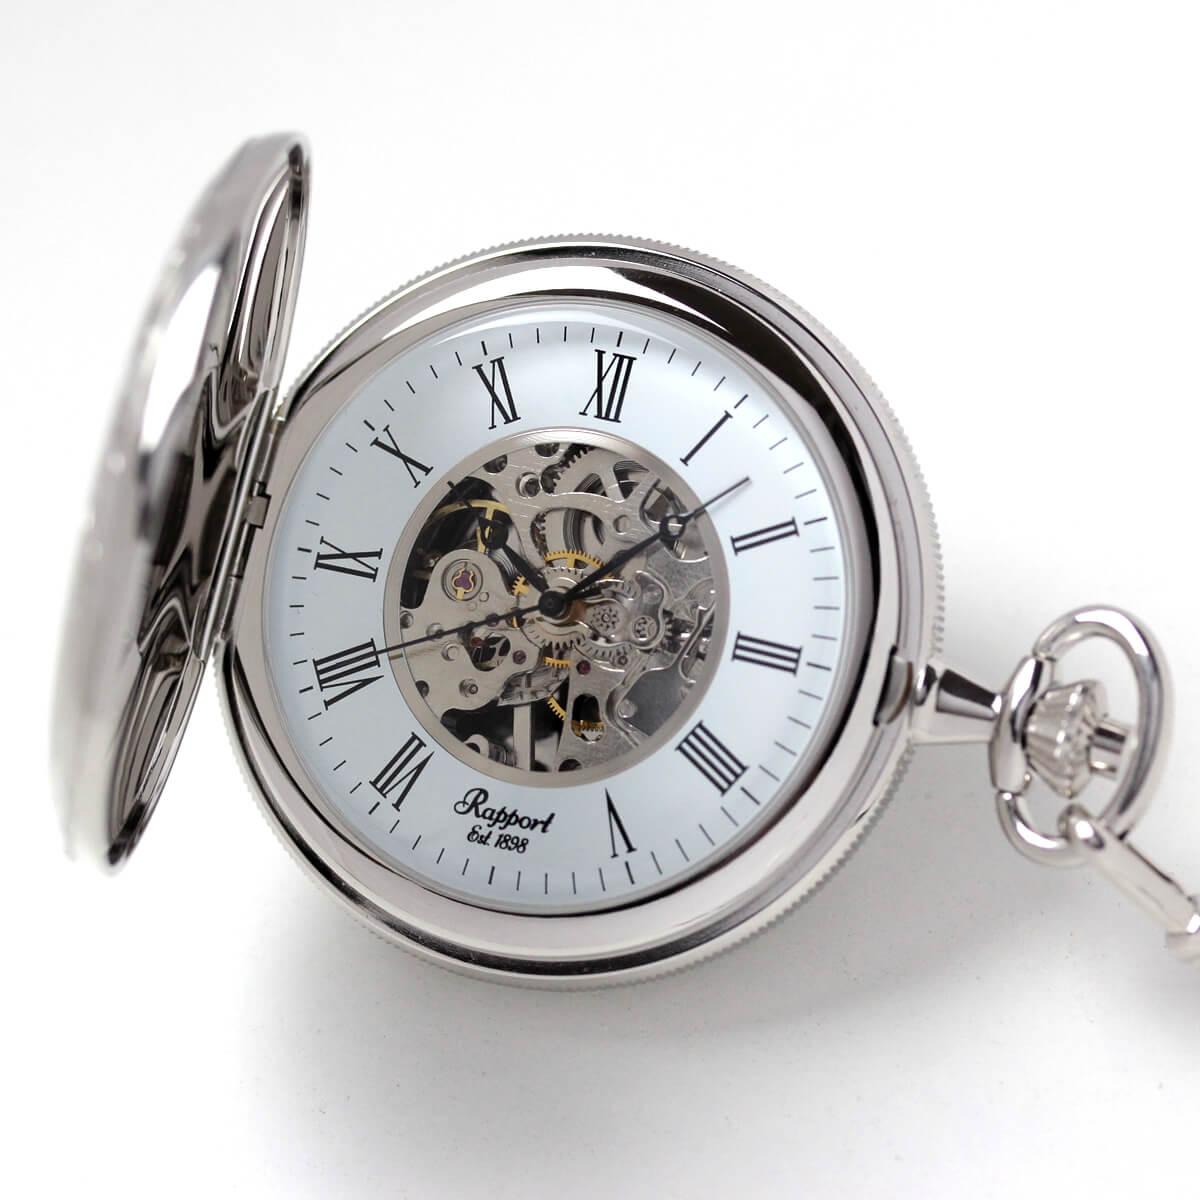 イギリスブランド rapport(ラポート) 懐中時計 pw97 ゴールドカラーの両蓋開きスケルトンモデル